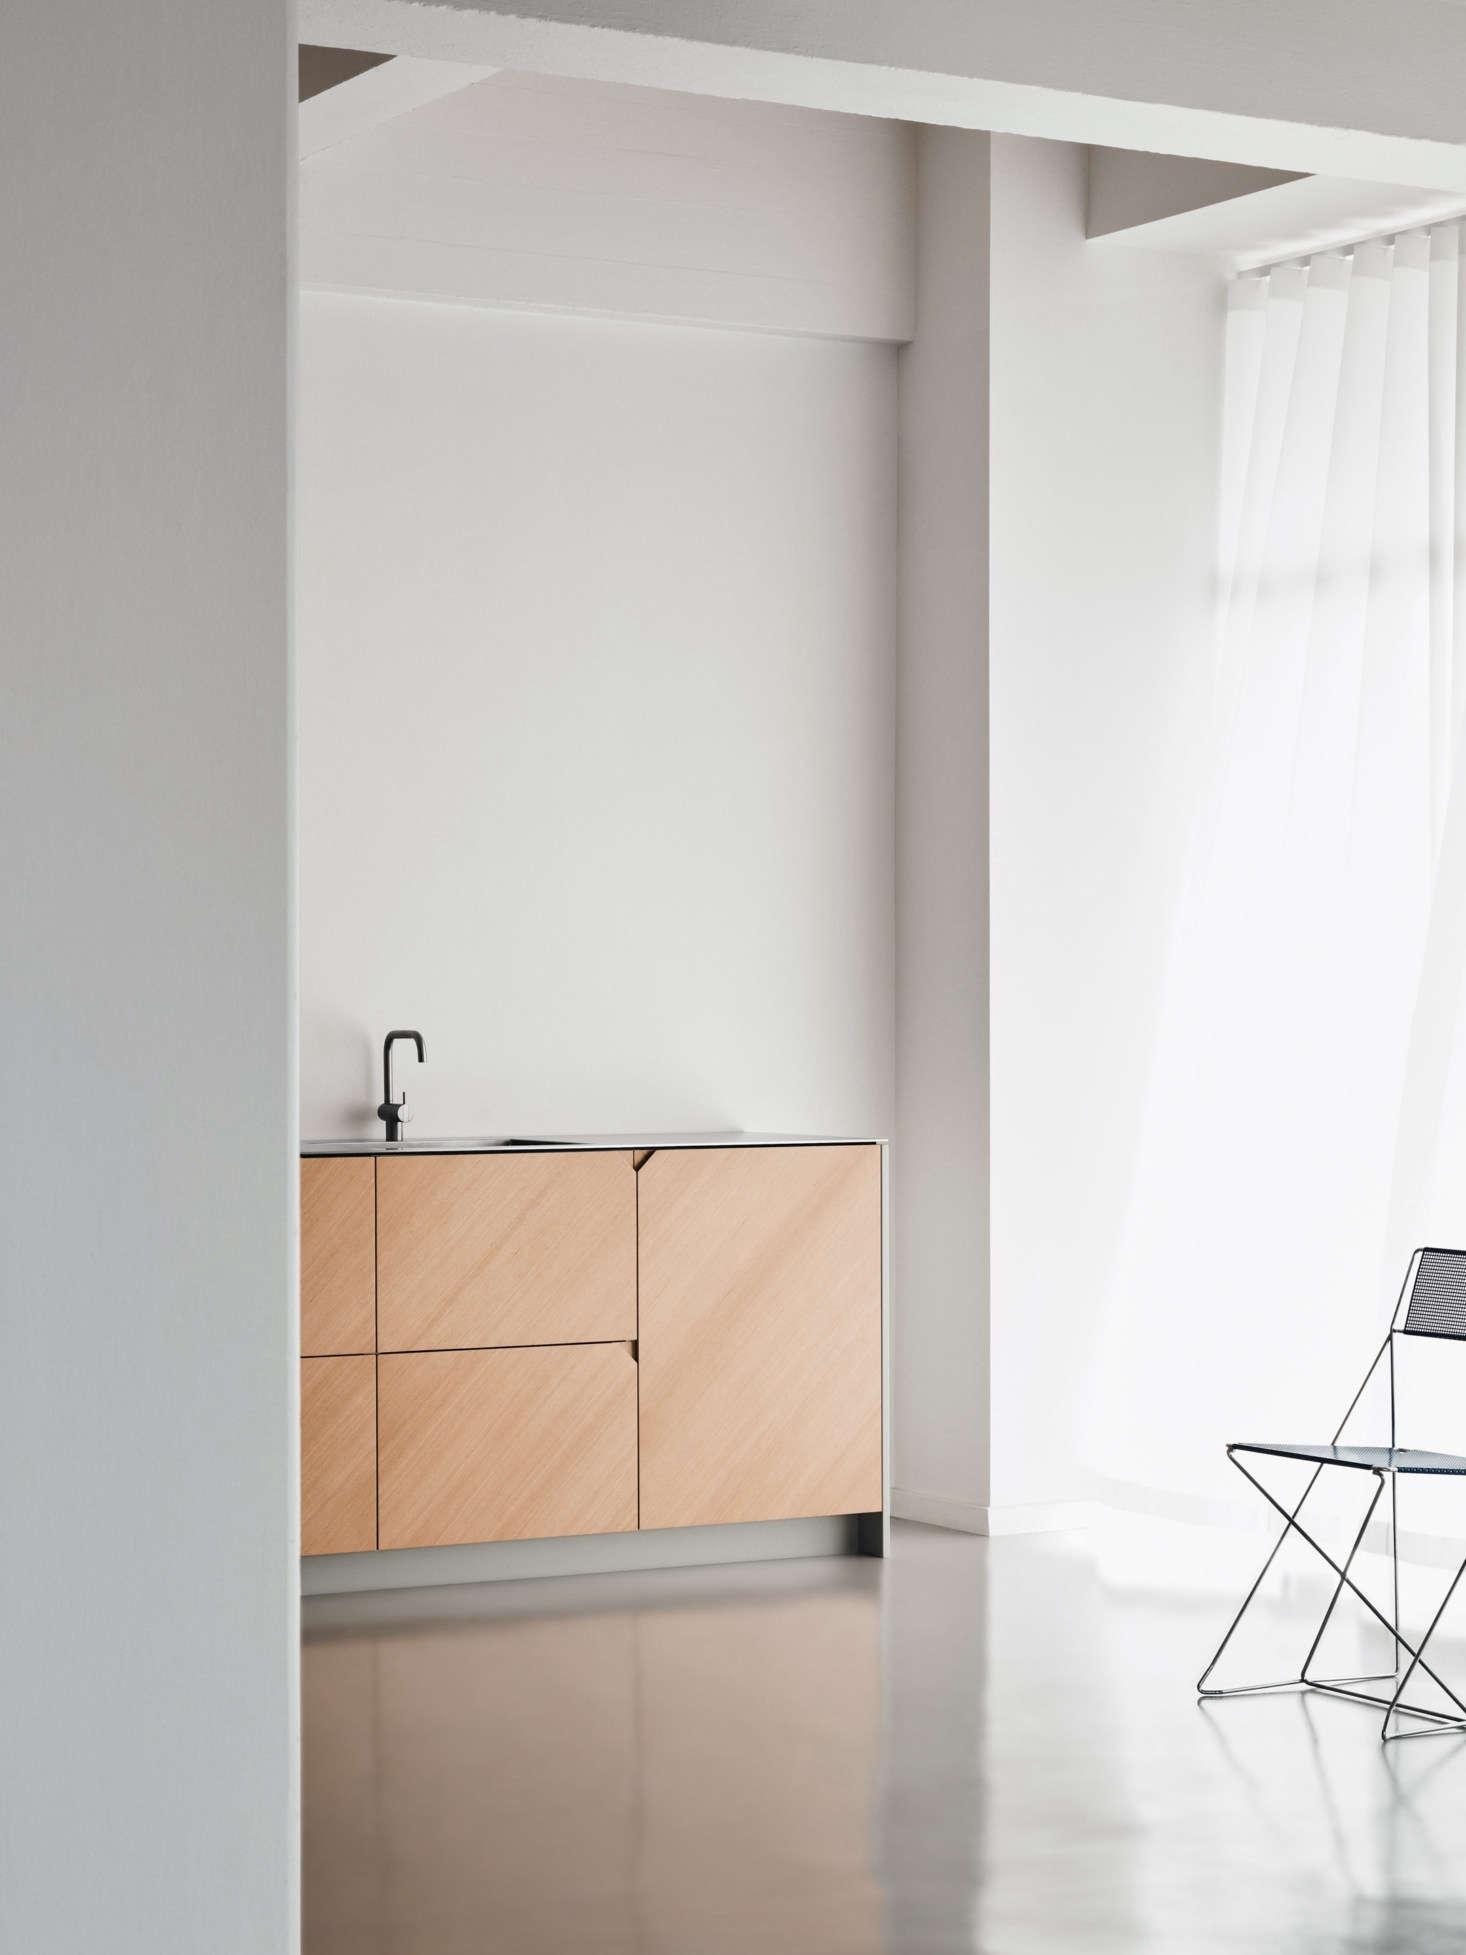 Fein Ikea Freistehende Küchenschränke Uk Fotos - Ideen Für Die Küche ...